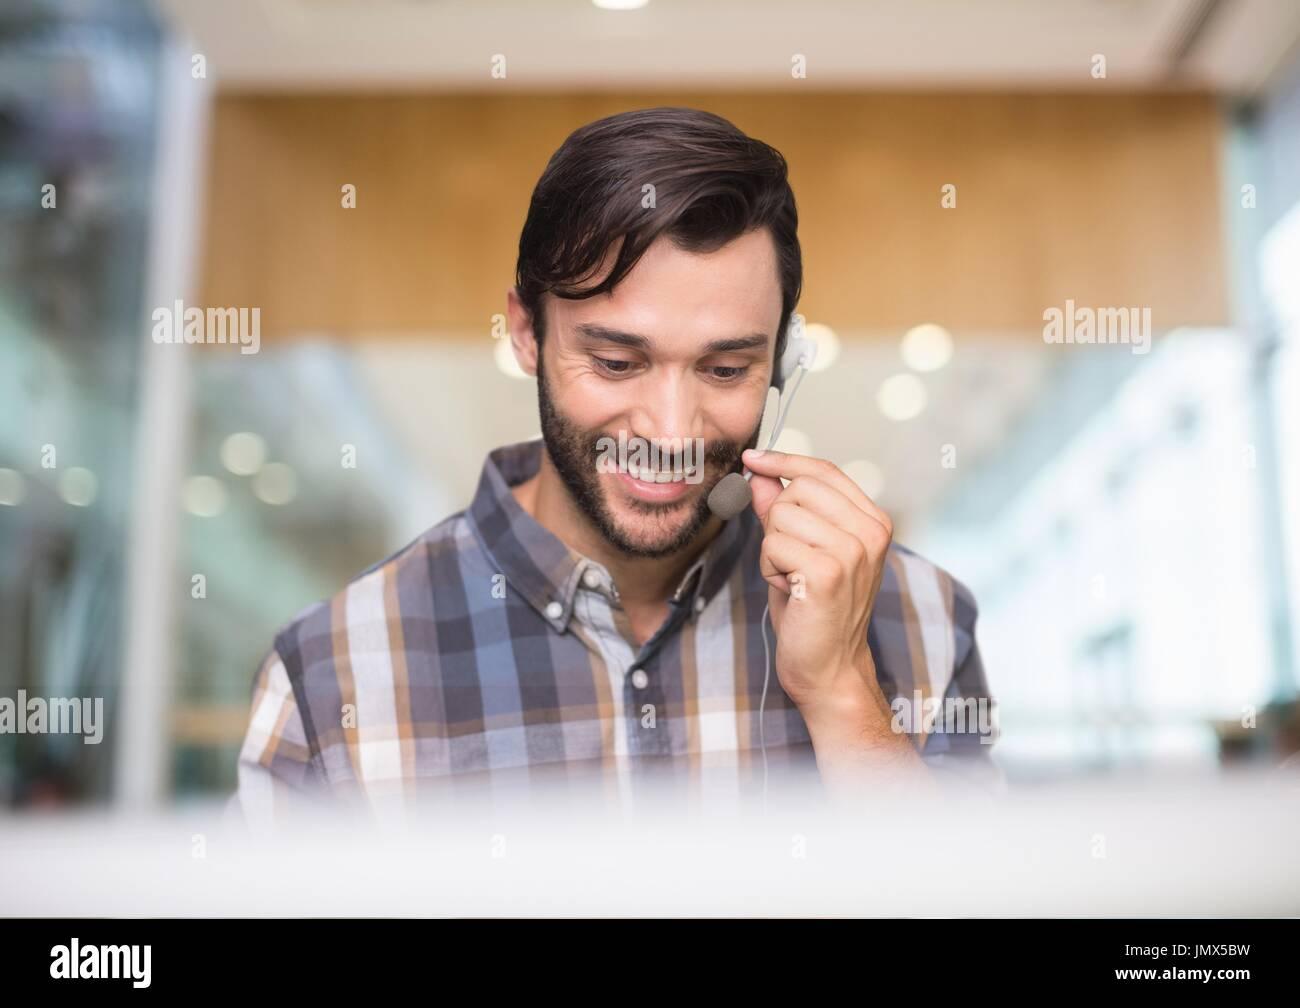 Pulling facial hairs